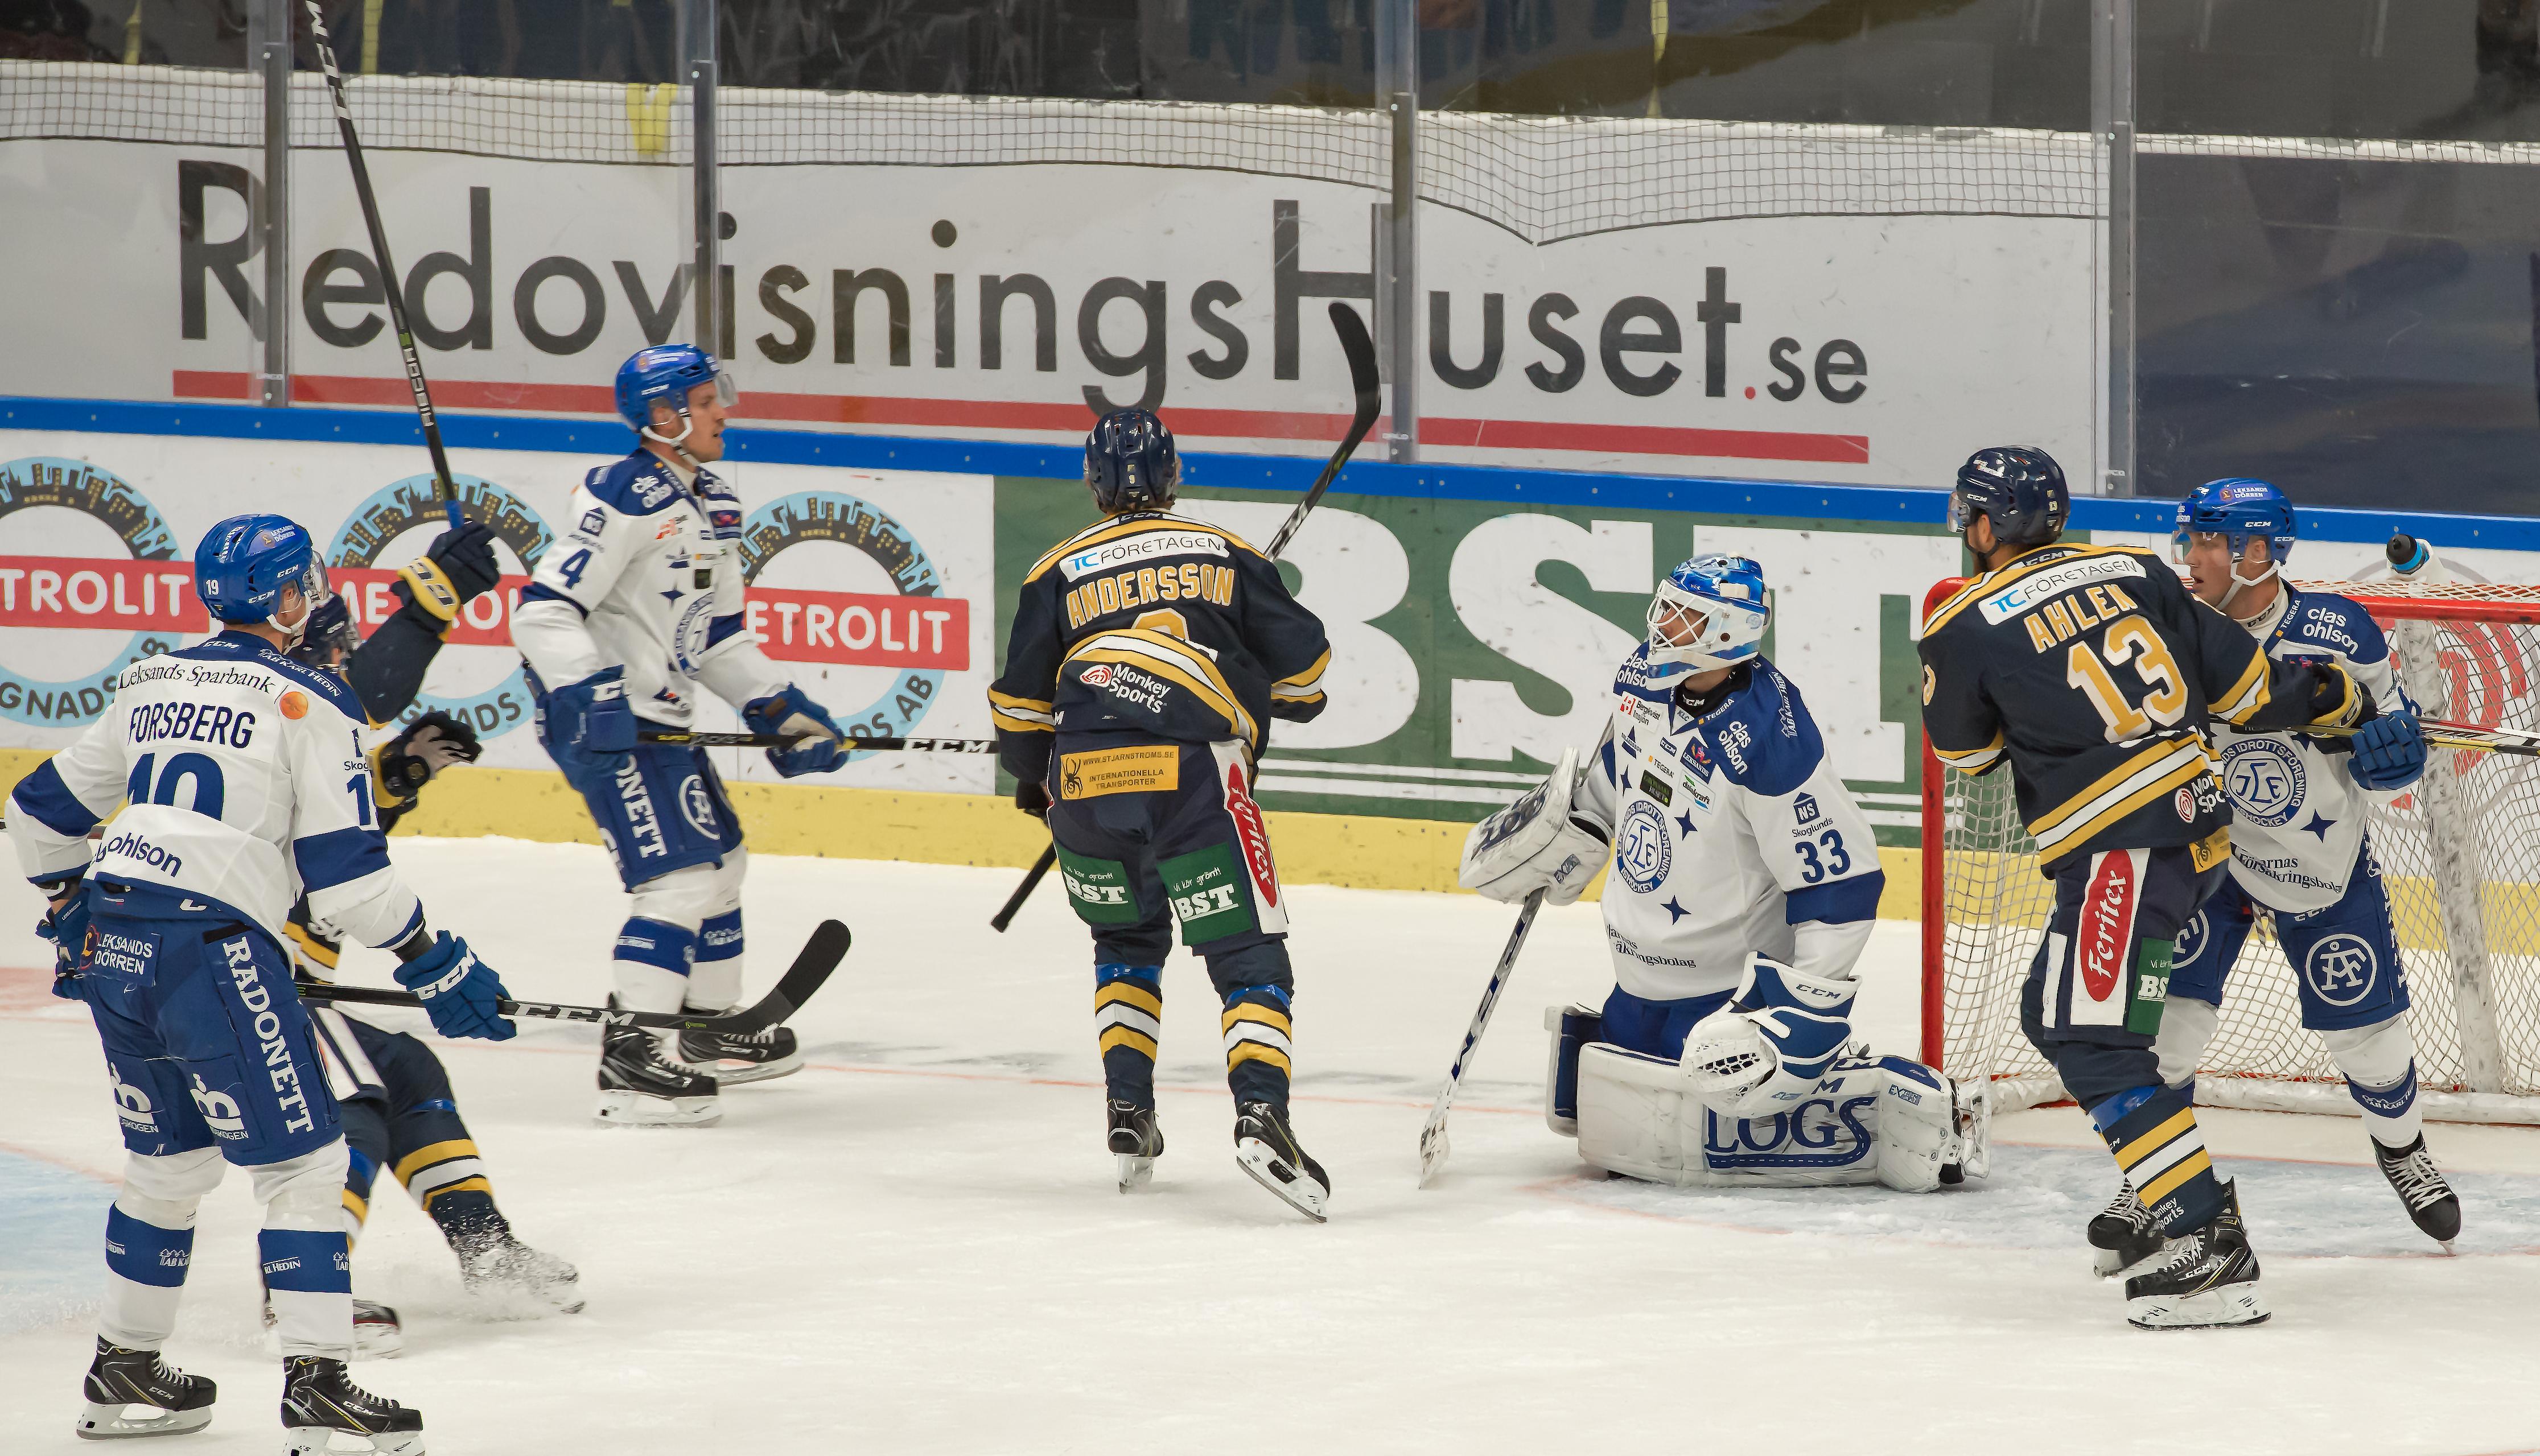 Kvalserien till hockeyallsvenskan 2019